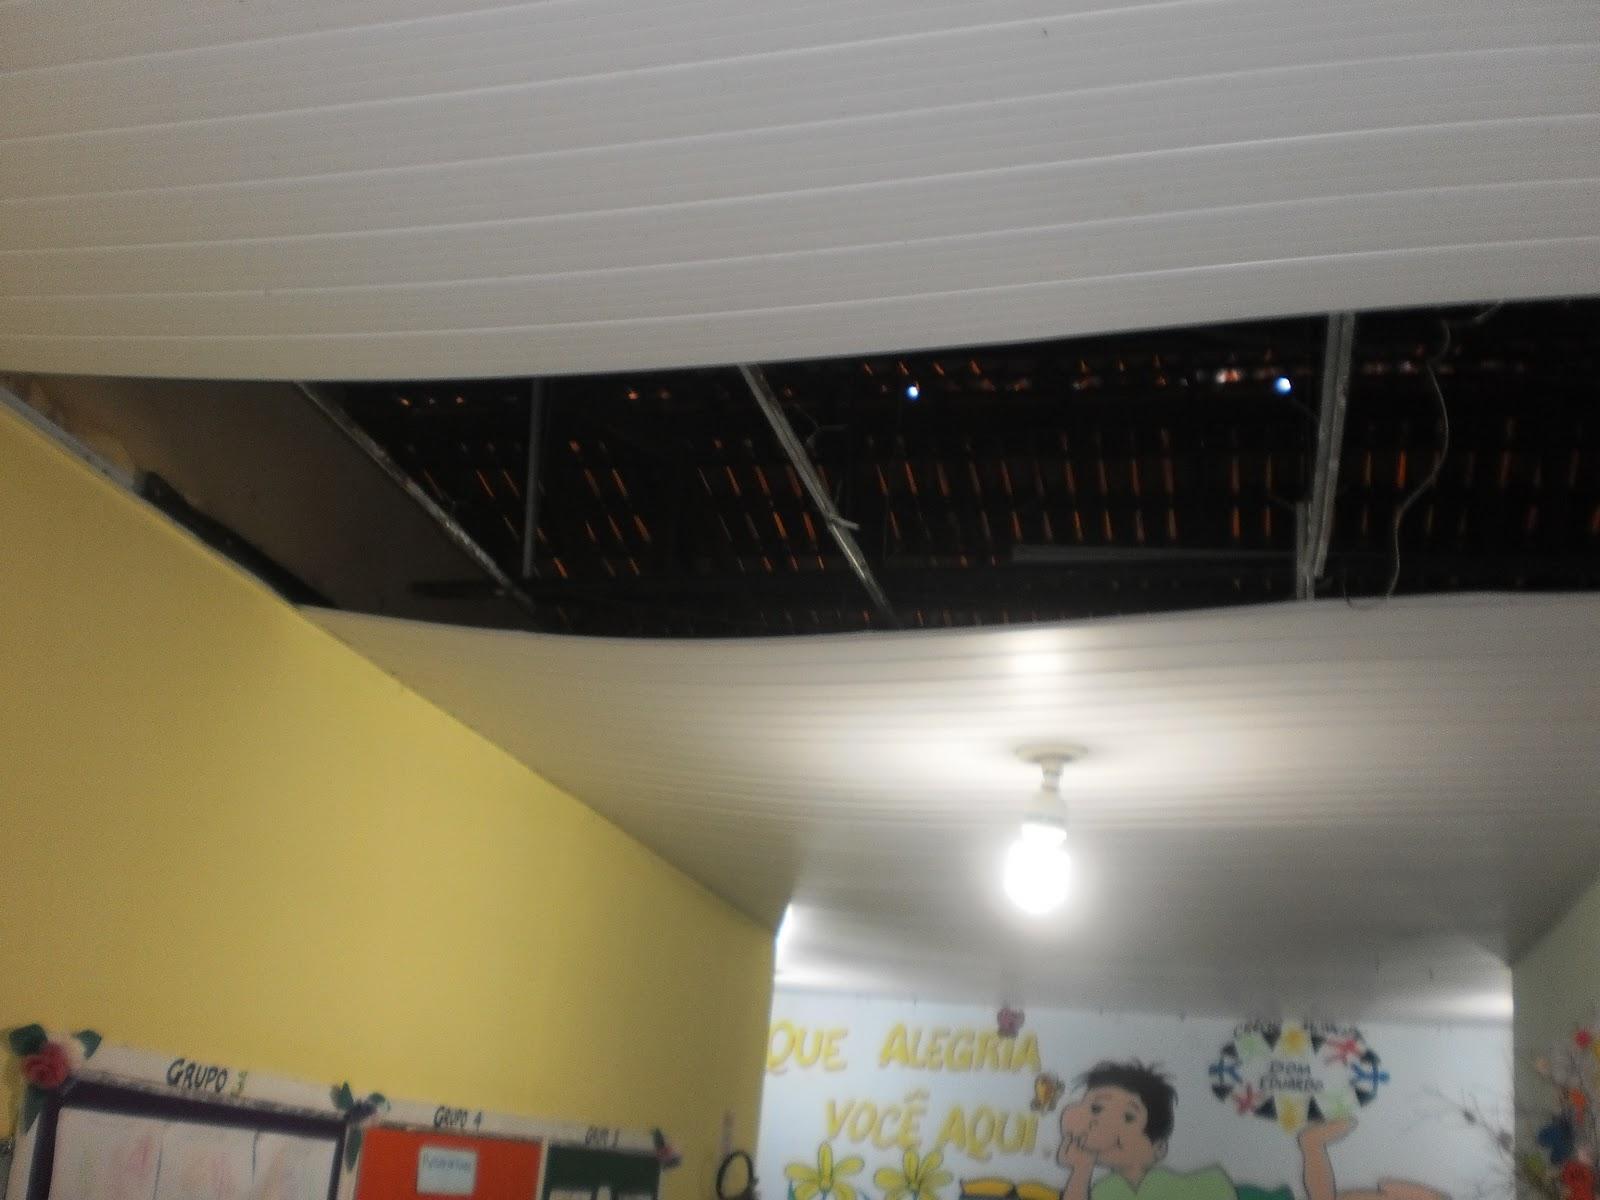 Teto de PVC caindo serviço mal feito ou peso da água de chuva  #703C2C 1600 1200